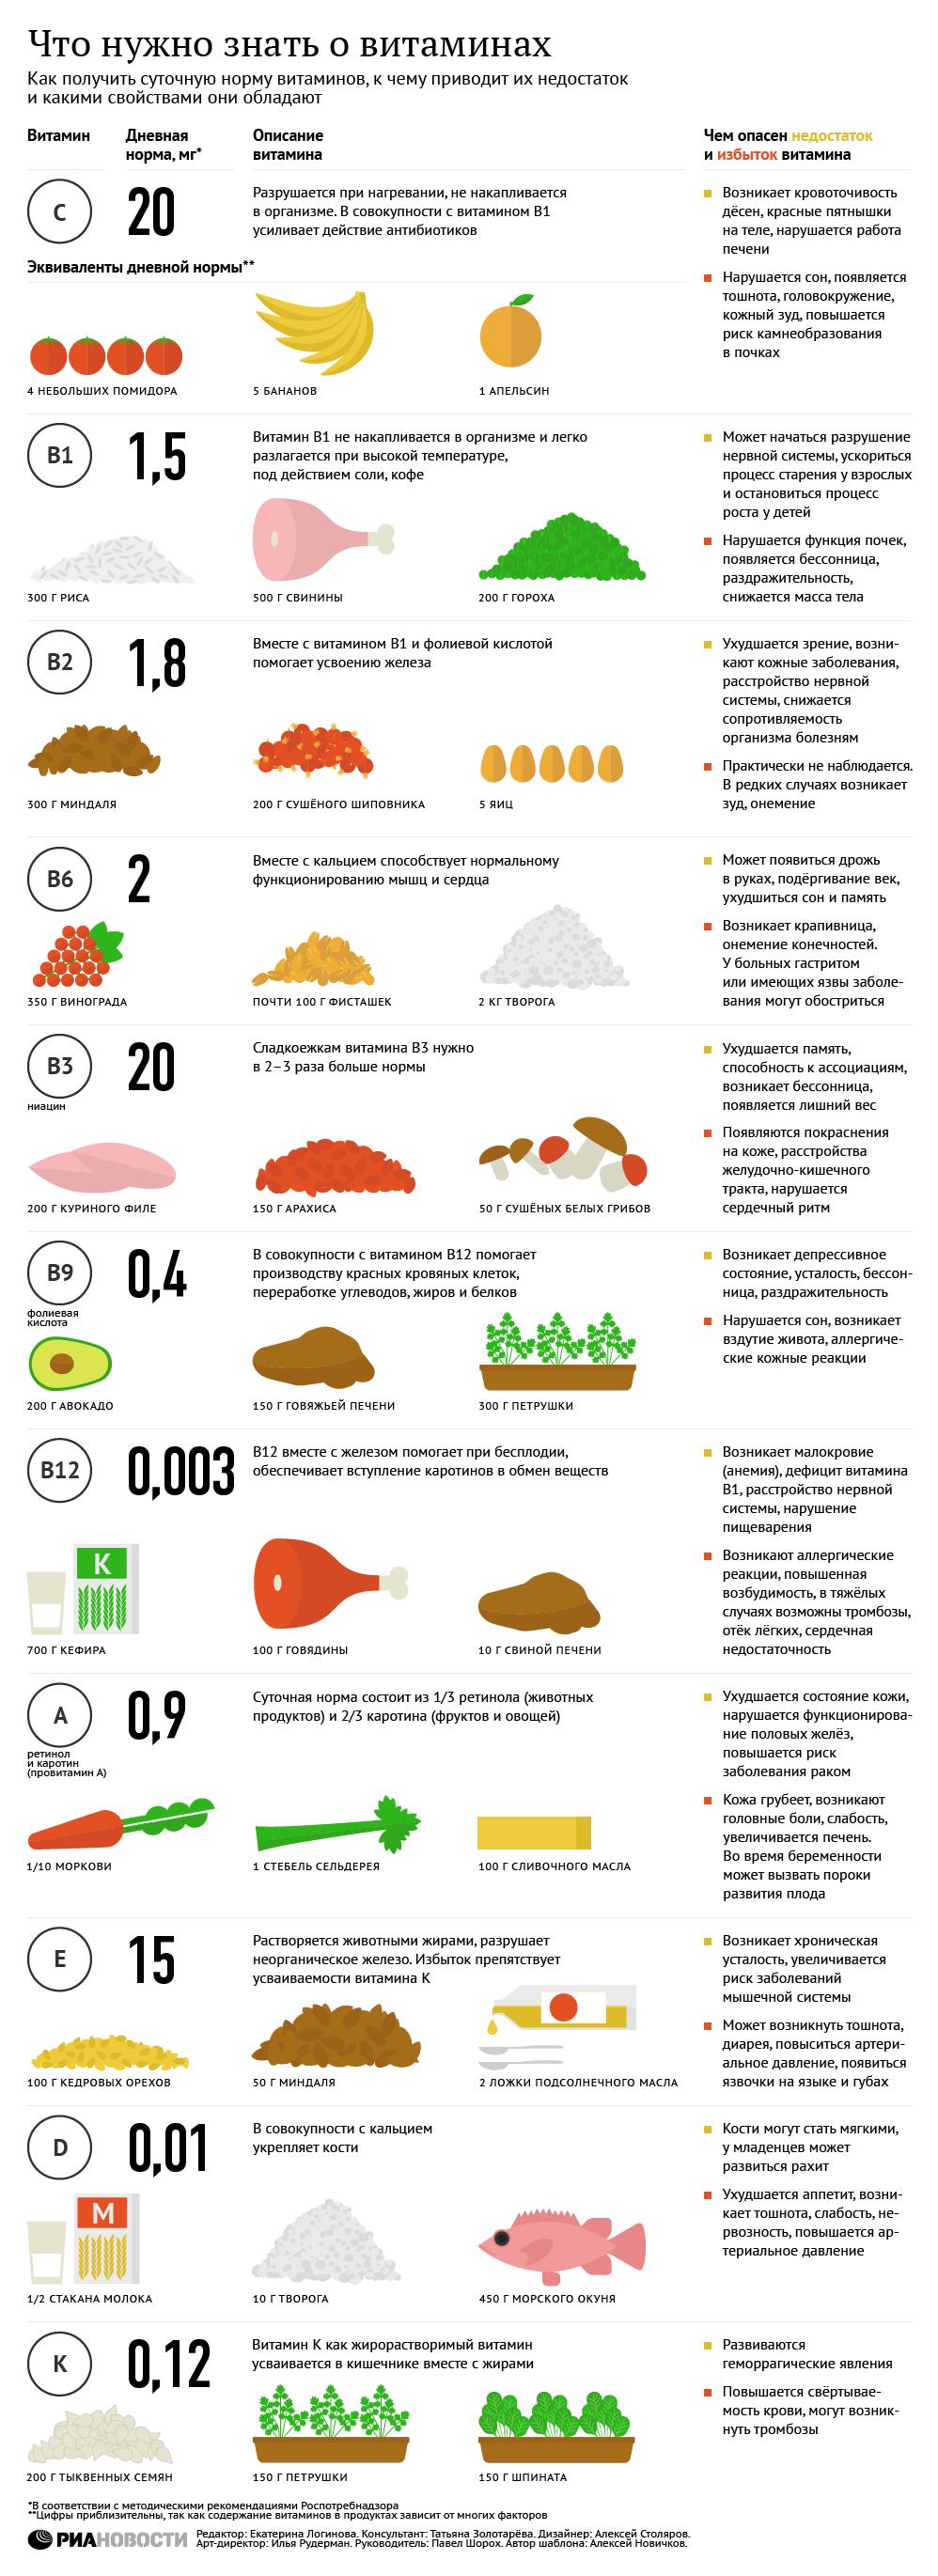 infografika-sutochnaya-norma-vitaminov-v-organizme